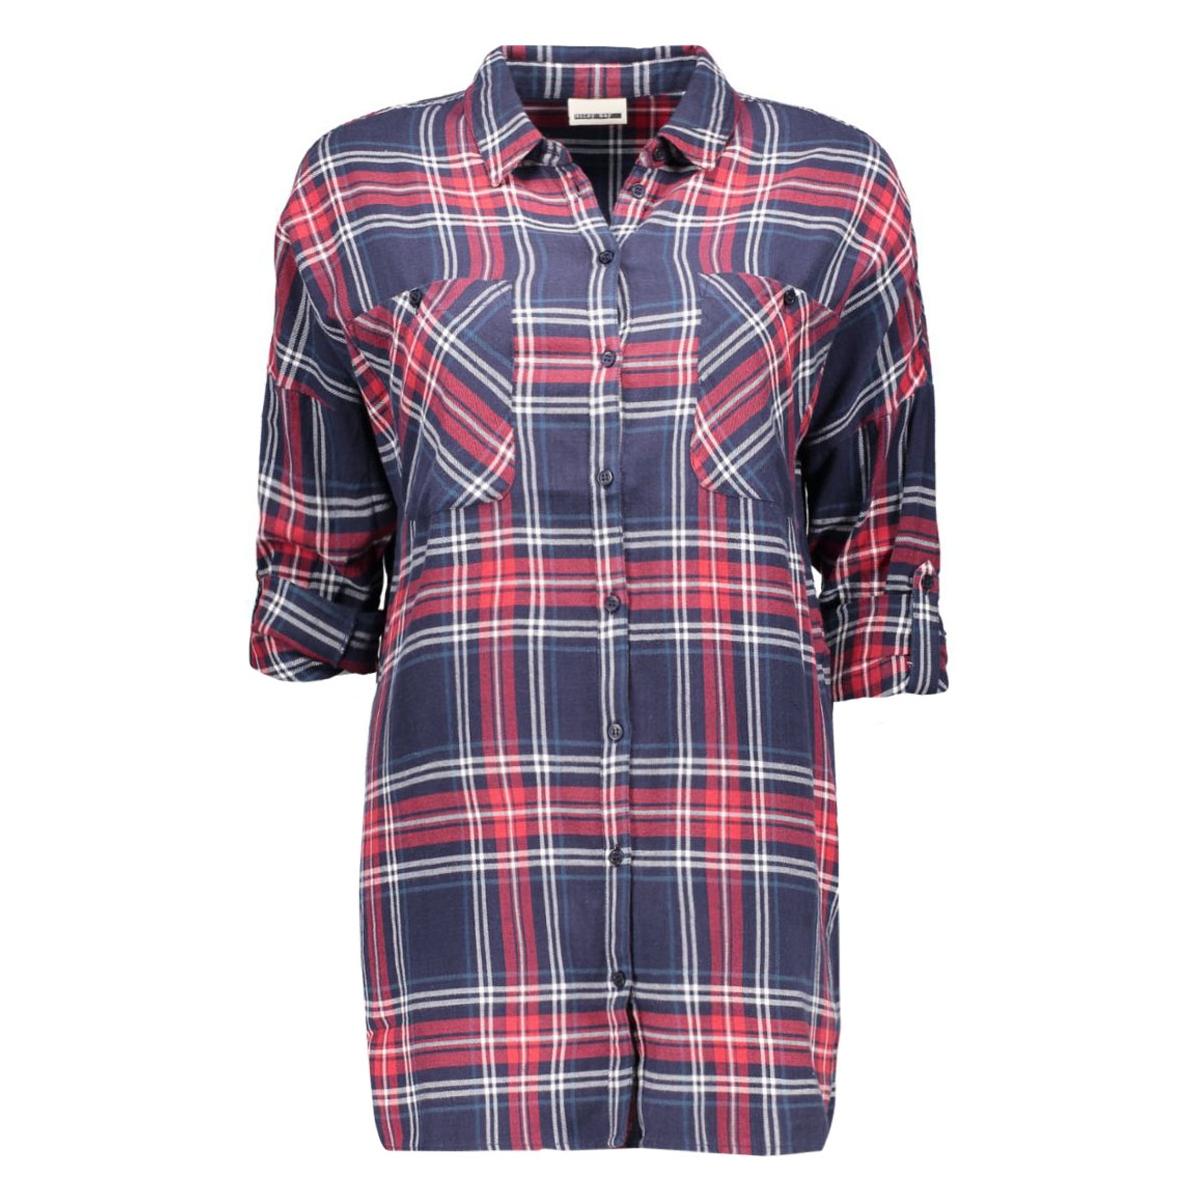 nmerik l/s oversize shirt 10162730 noisy may blouse black iris / ribbon red